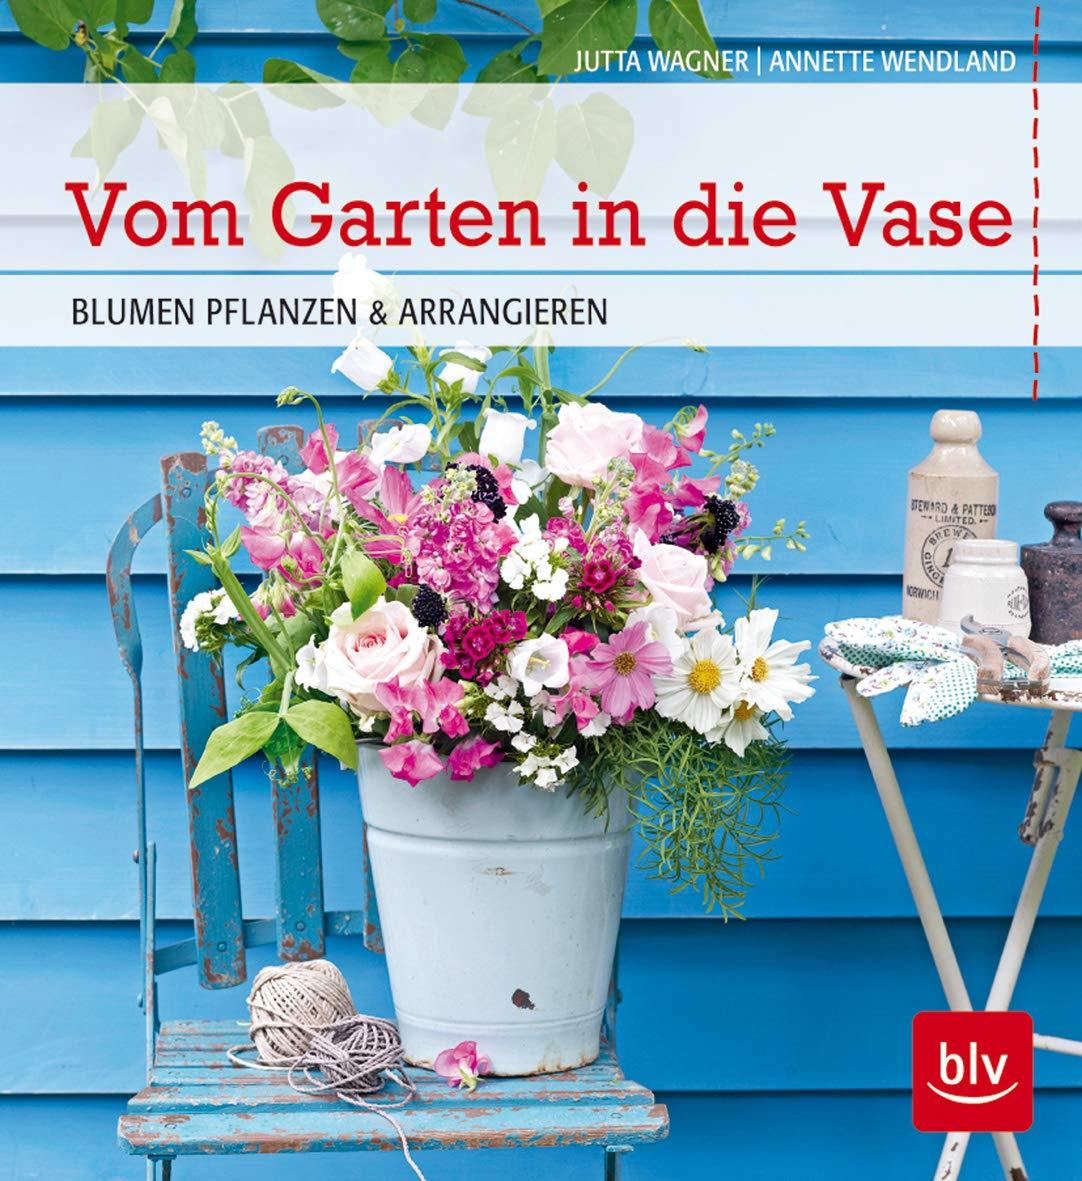 Vom Garten In Die Vase Blumen Pflanzen Und Arrangieren Blv Amazon